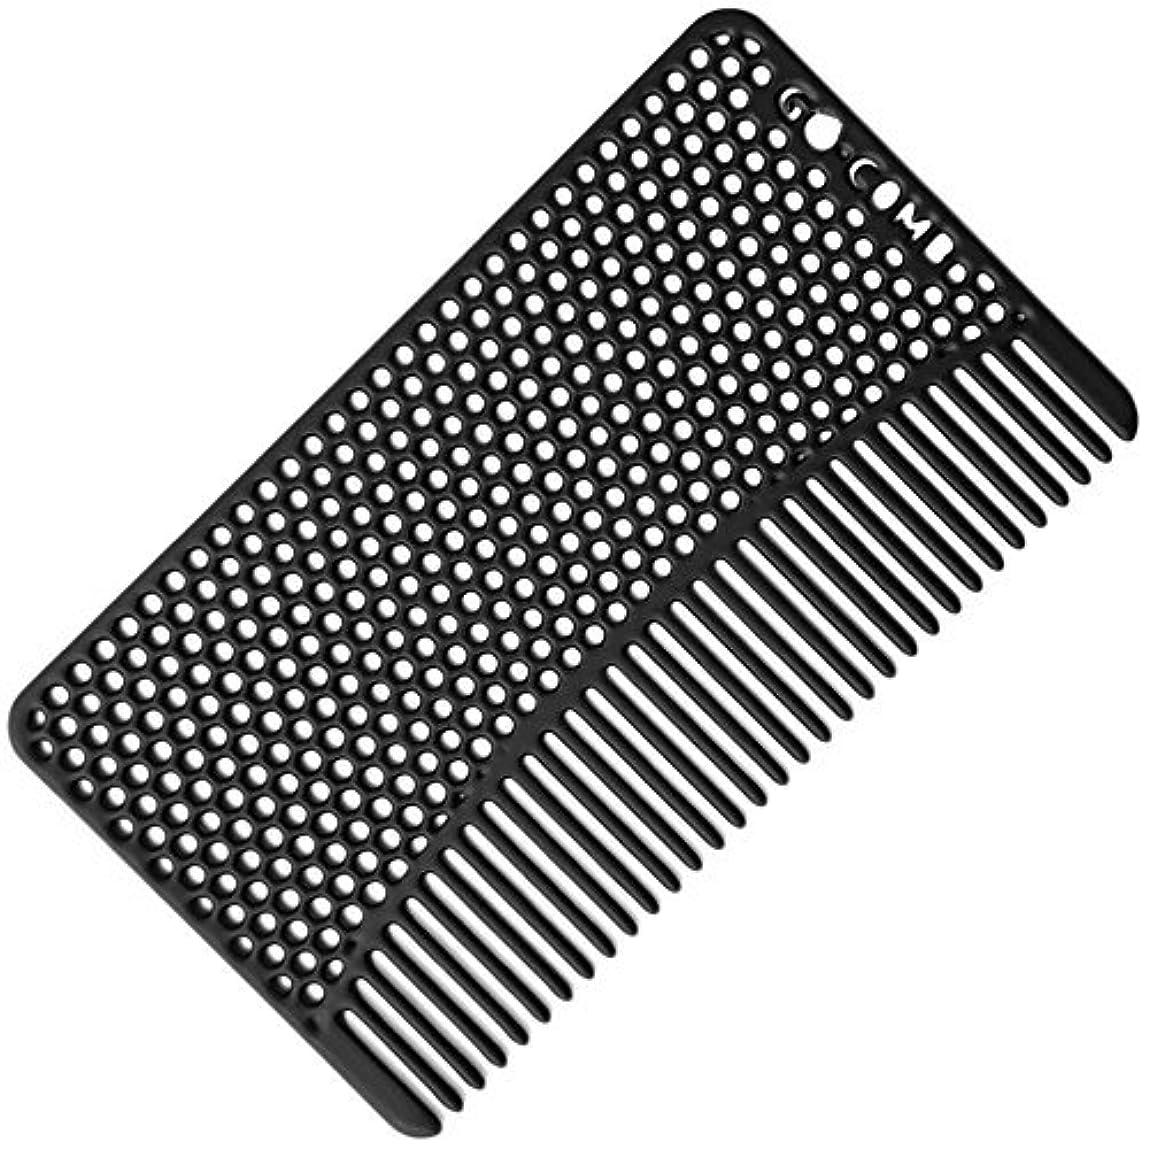 あいまい過剰コメンテーターGo-Comb - Wallet Comb - Sleek, Durable Stainless Steel Hair and Beard Comb - Black [並行輸入品]